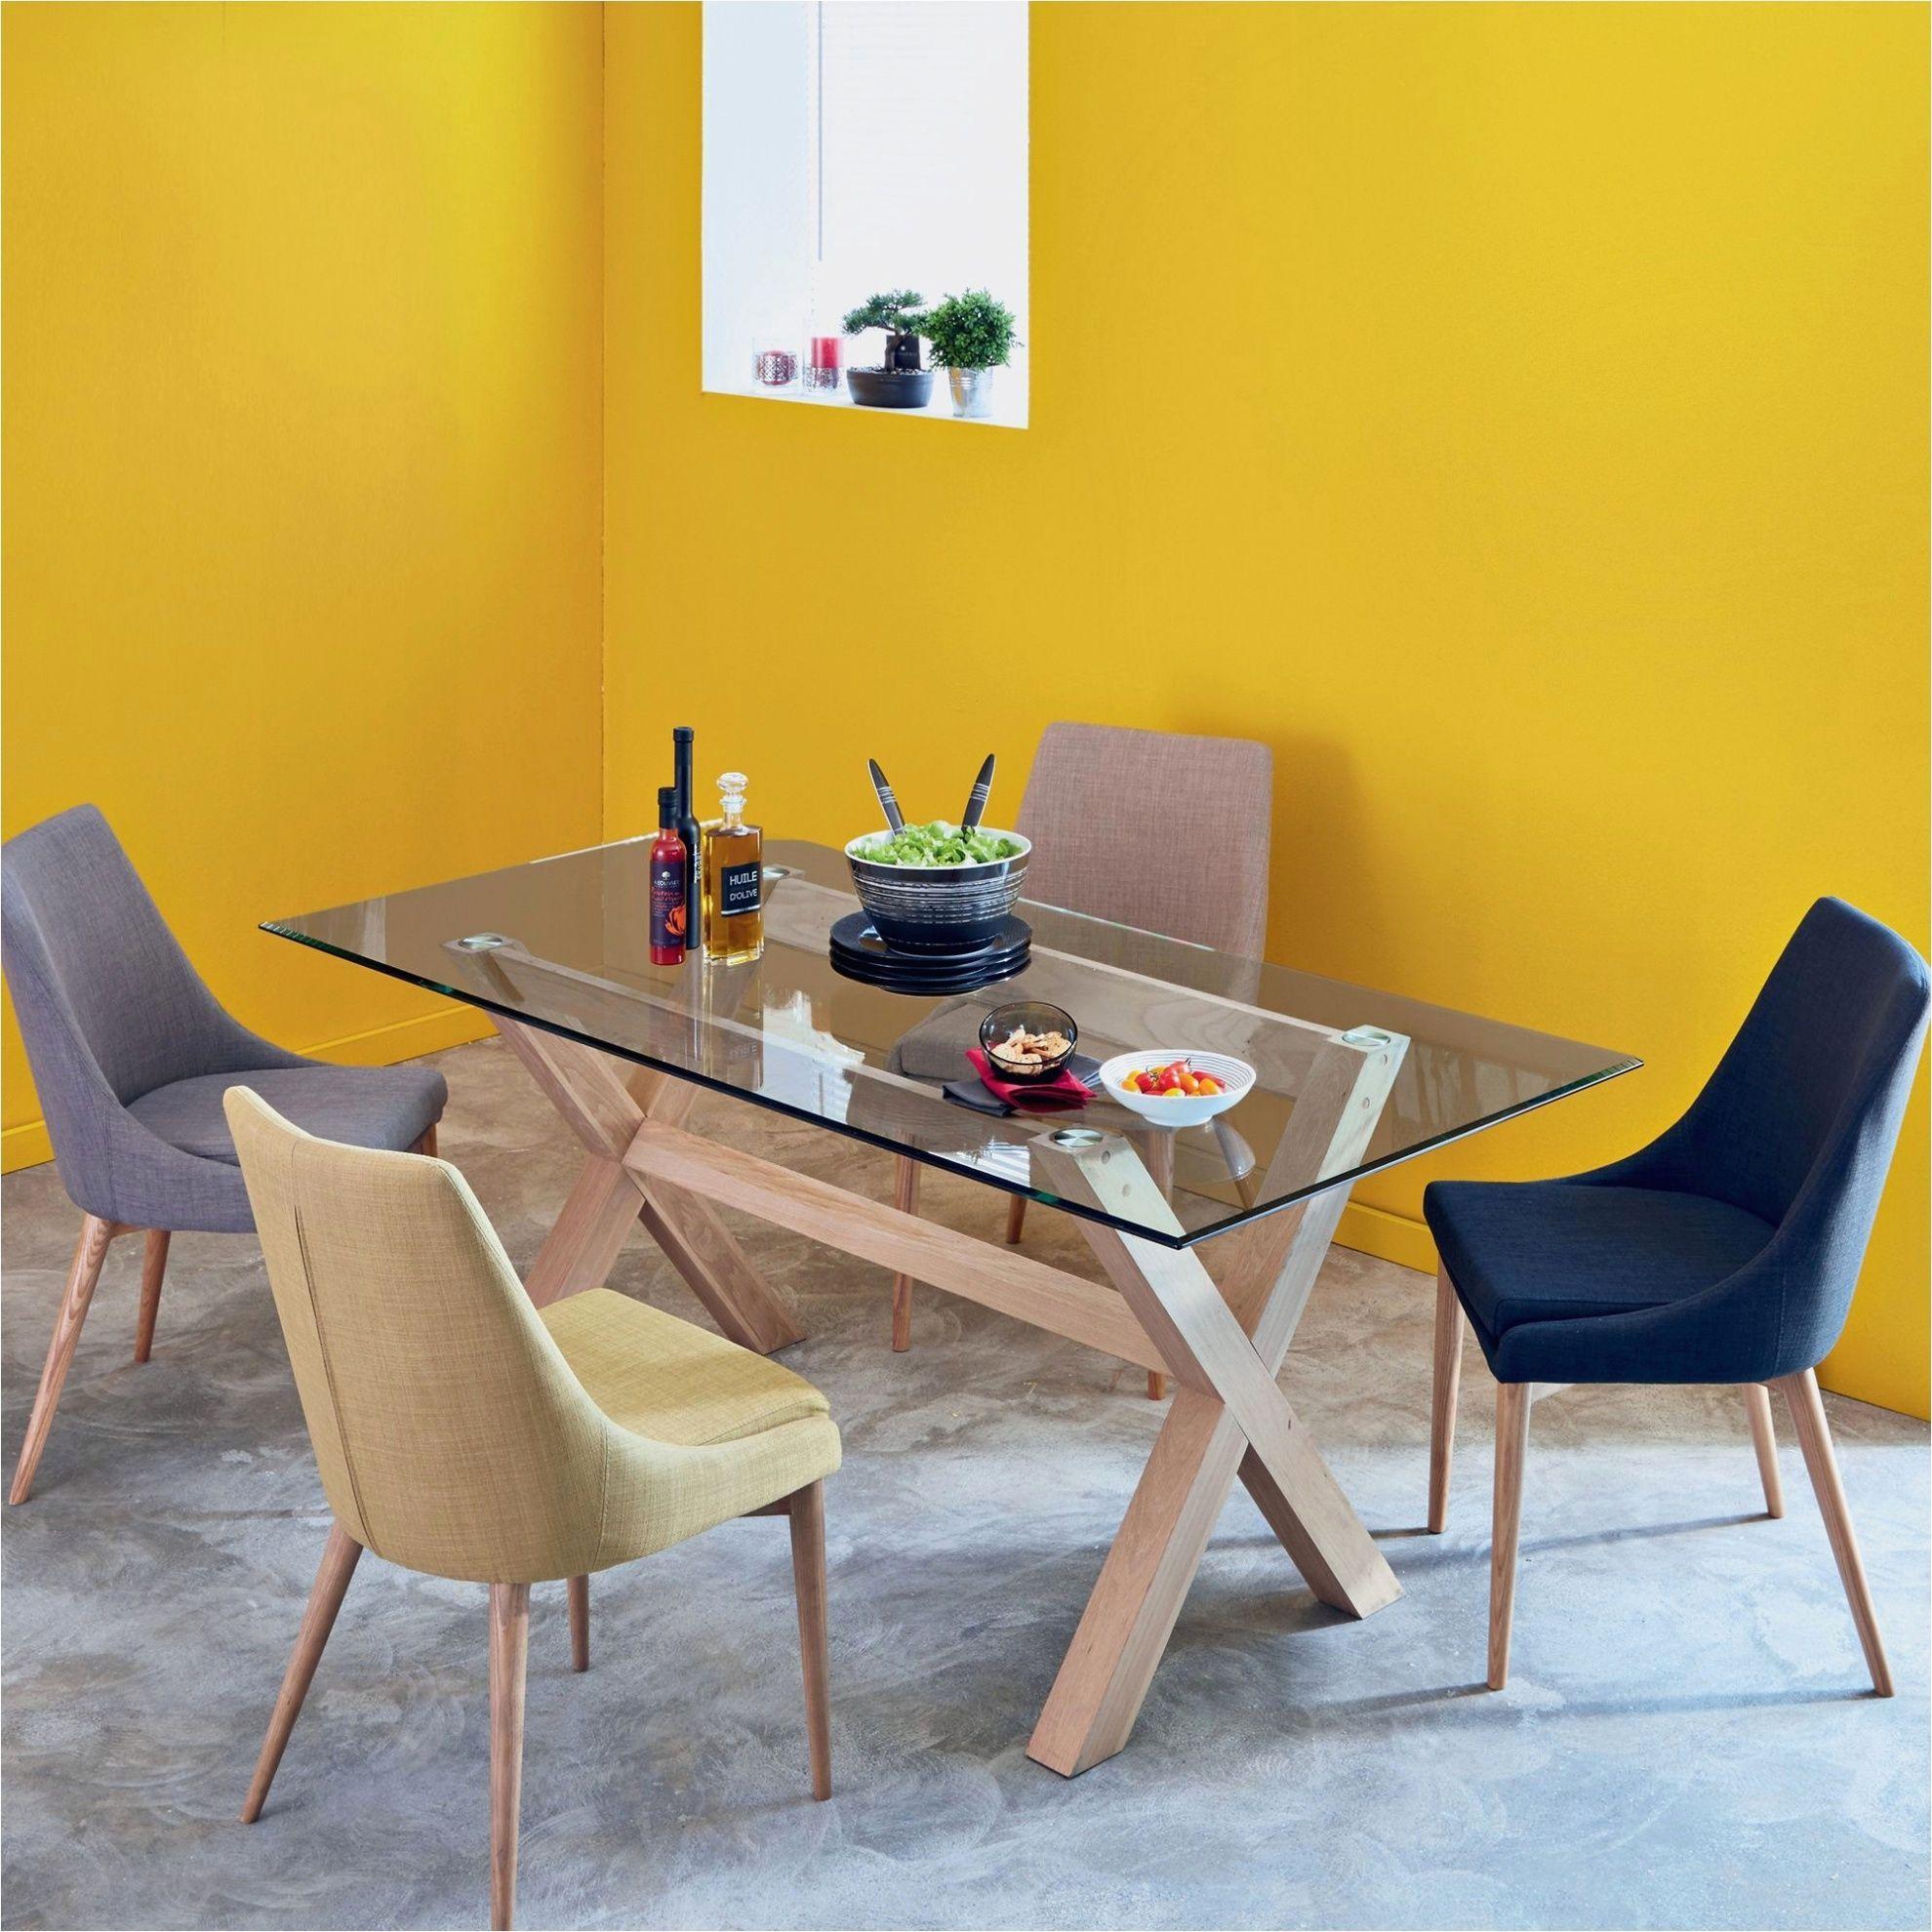 Image De 20 Meilleur De Table Et Chaises De Jardin Fauteuil De Jardin En Plastique Fauteuil De Jardin En Plastique Table Et Ch Kitchen Design Dining Table